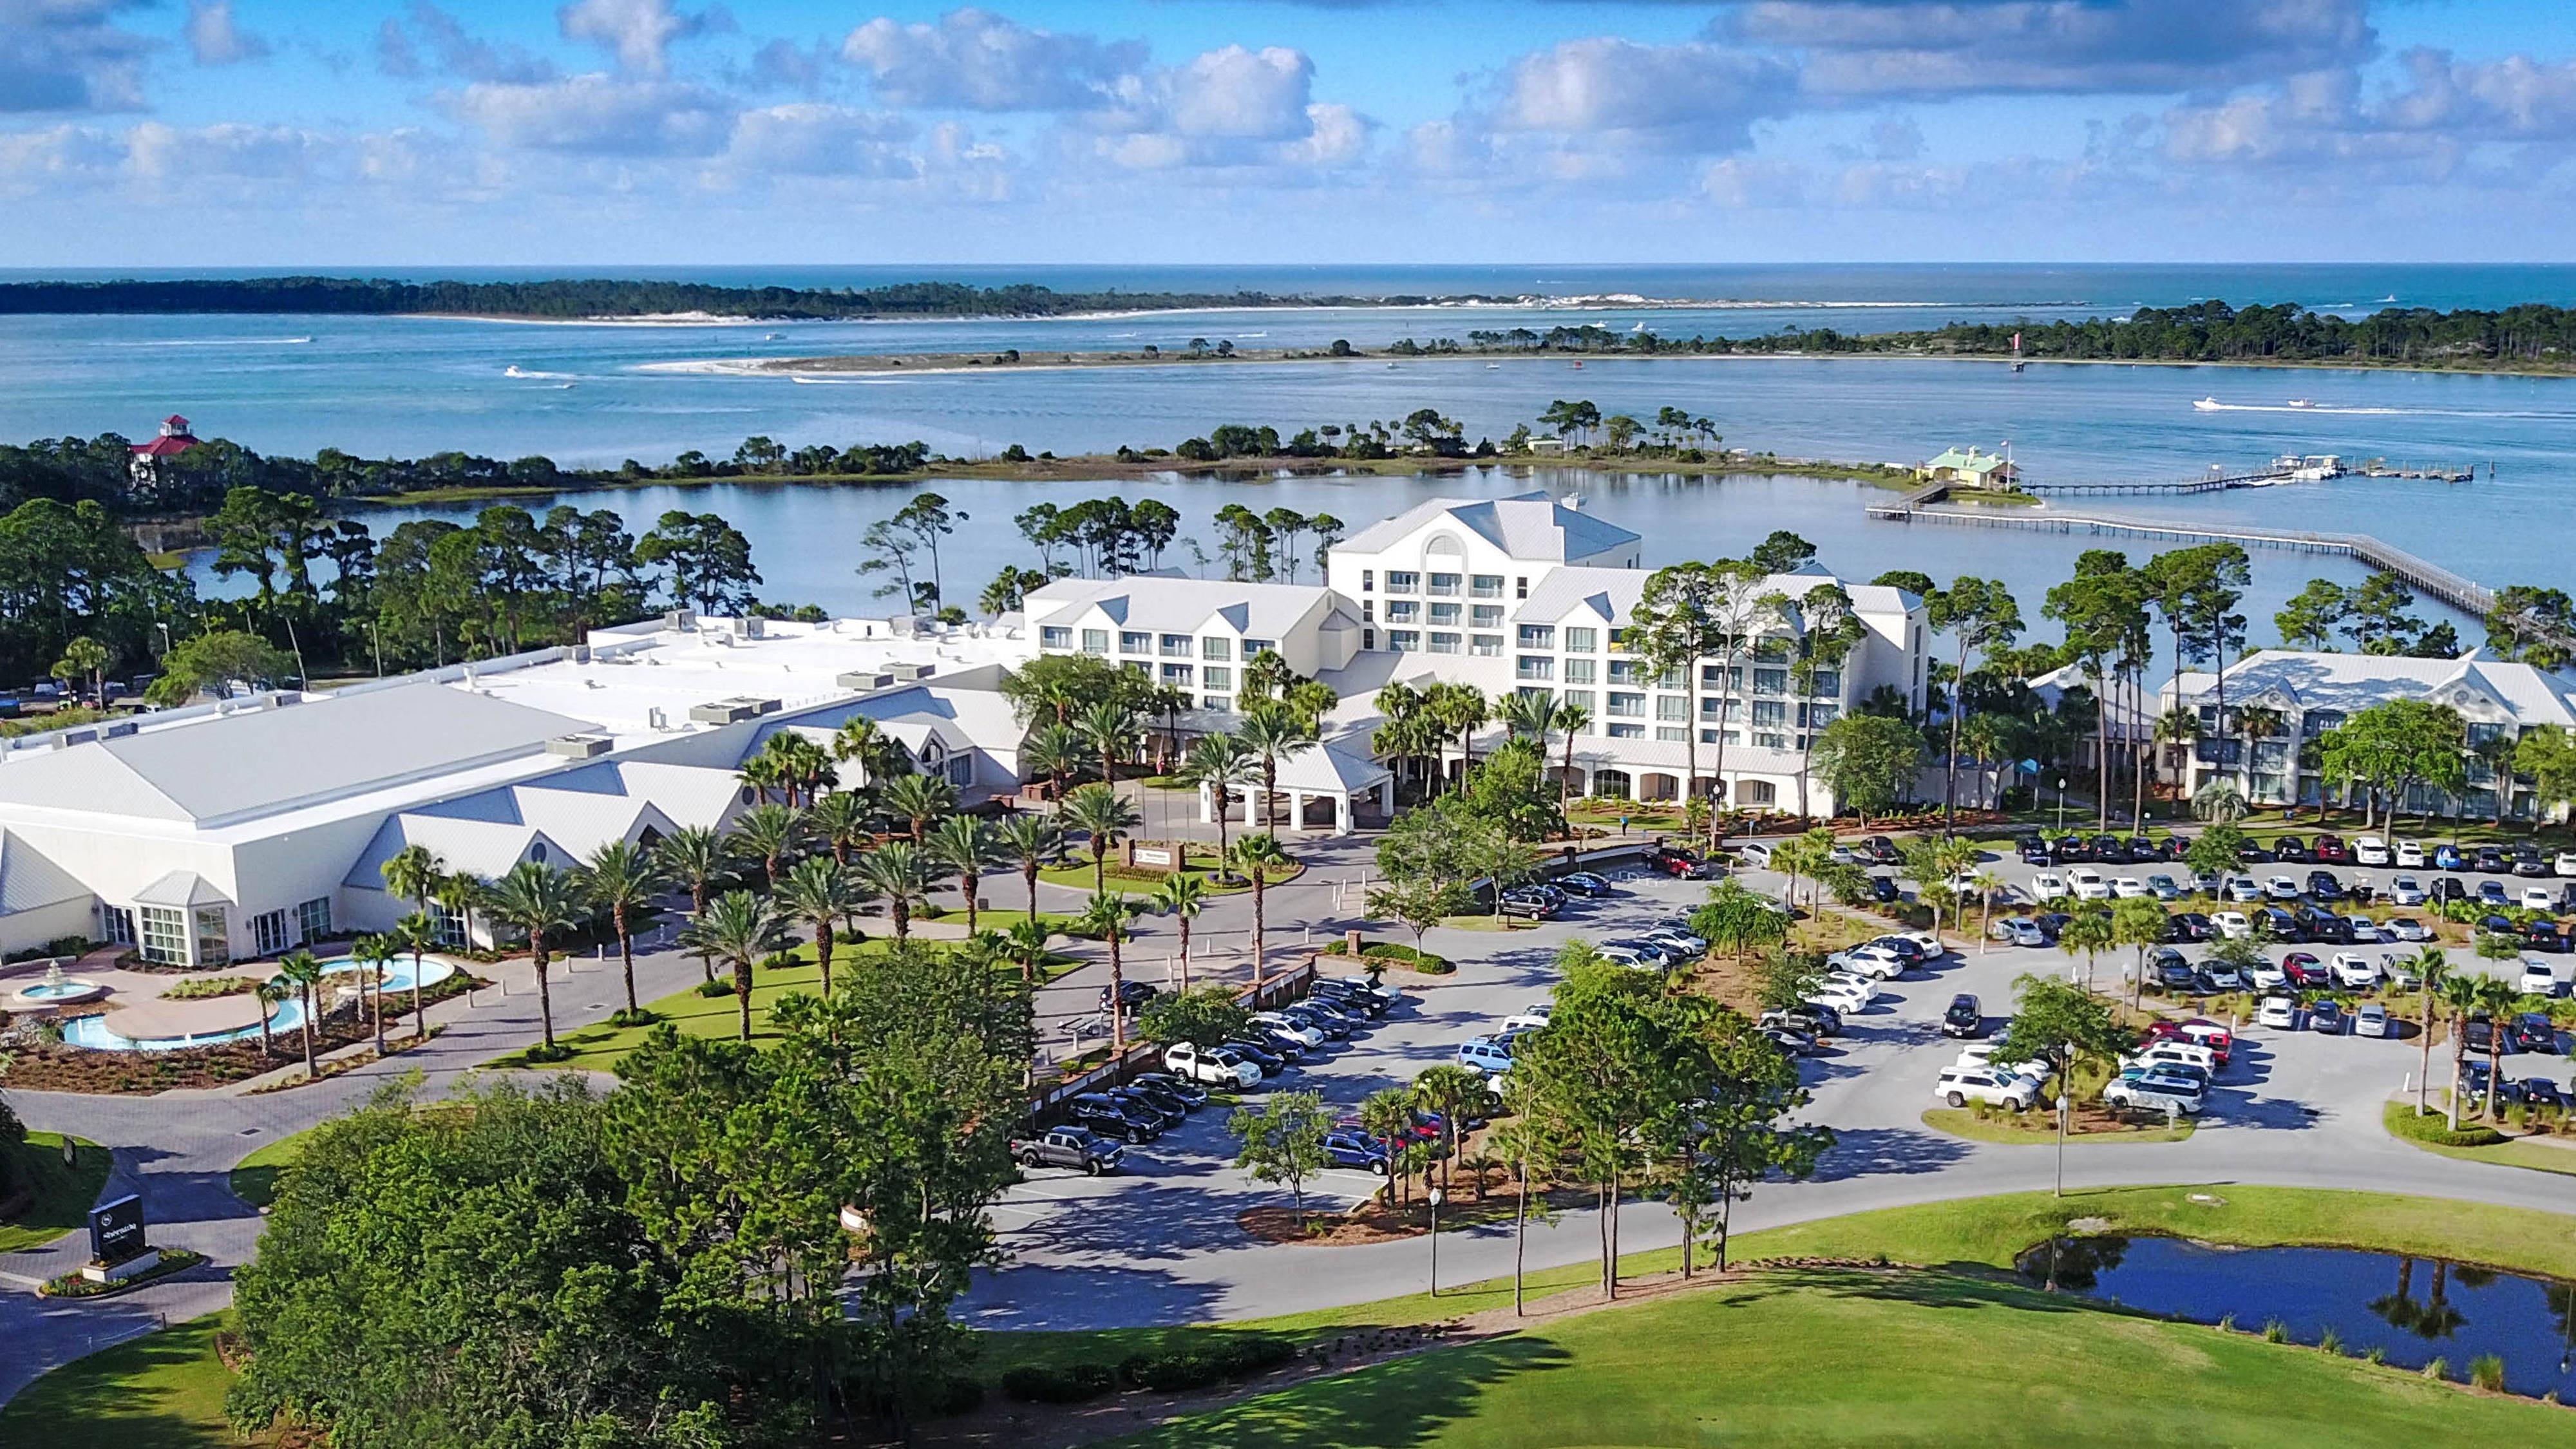 παραλία του Παναμά FL dating Ποια είναι τα βήματα της χρονολογίων στην ιστορία του γυμνασίου